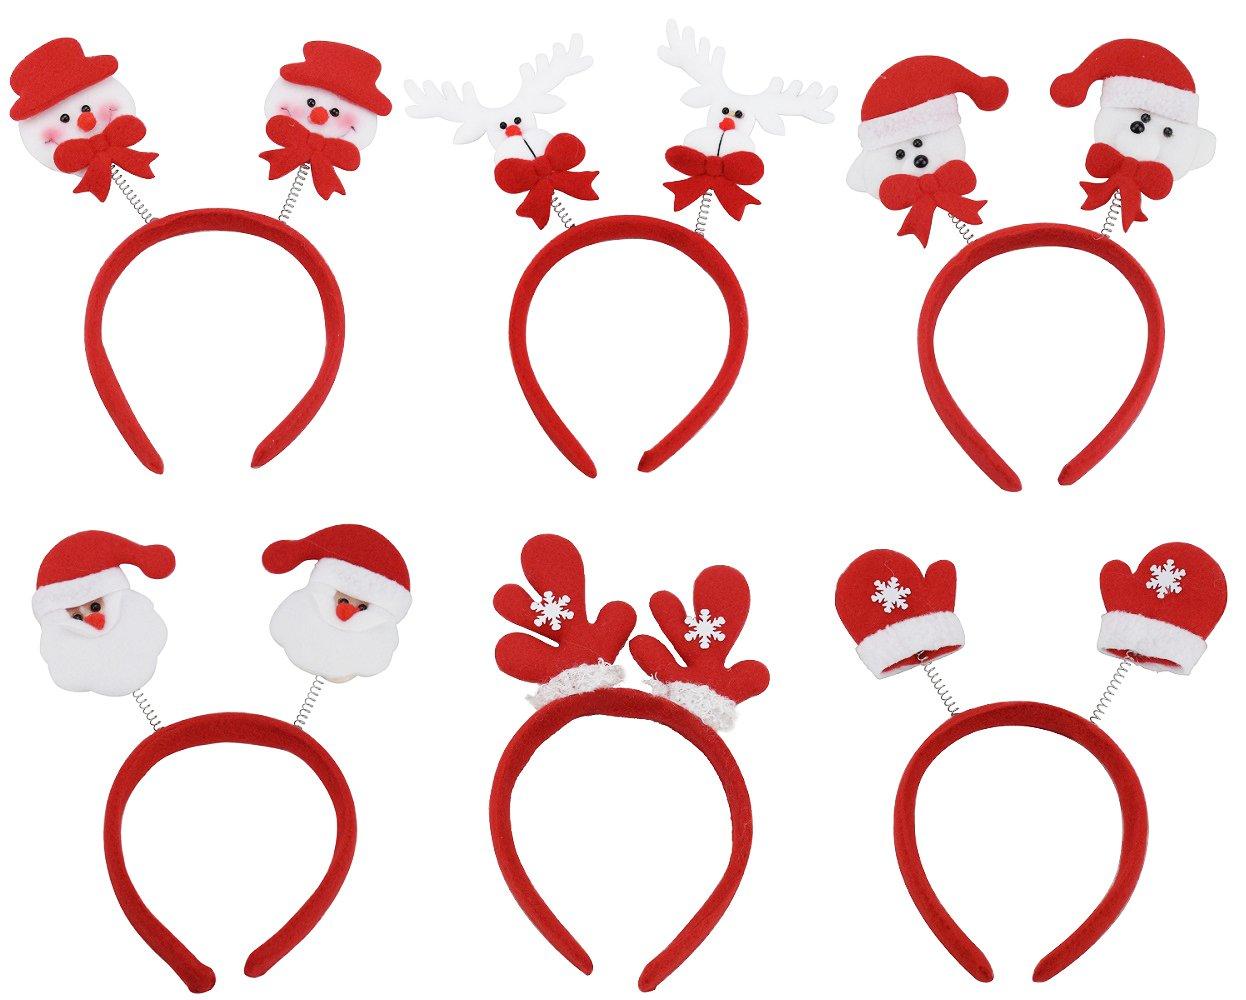 (Paquete de 6) Mujeres Niñas Lindo Diadema de Navidad Decoración de Santa Claus Muñeco de nieve Festival Banda para el Cabello Accesorios para el Cabello Regalo de Navidad EVINIS